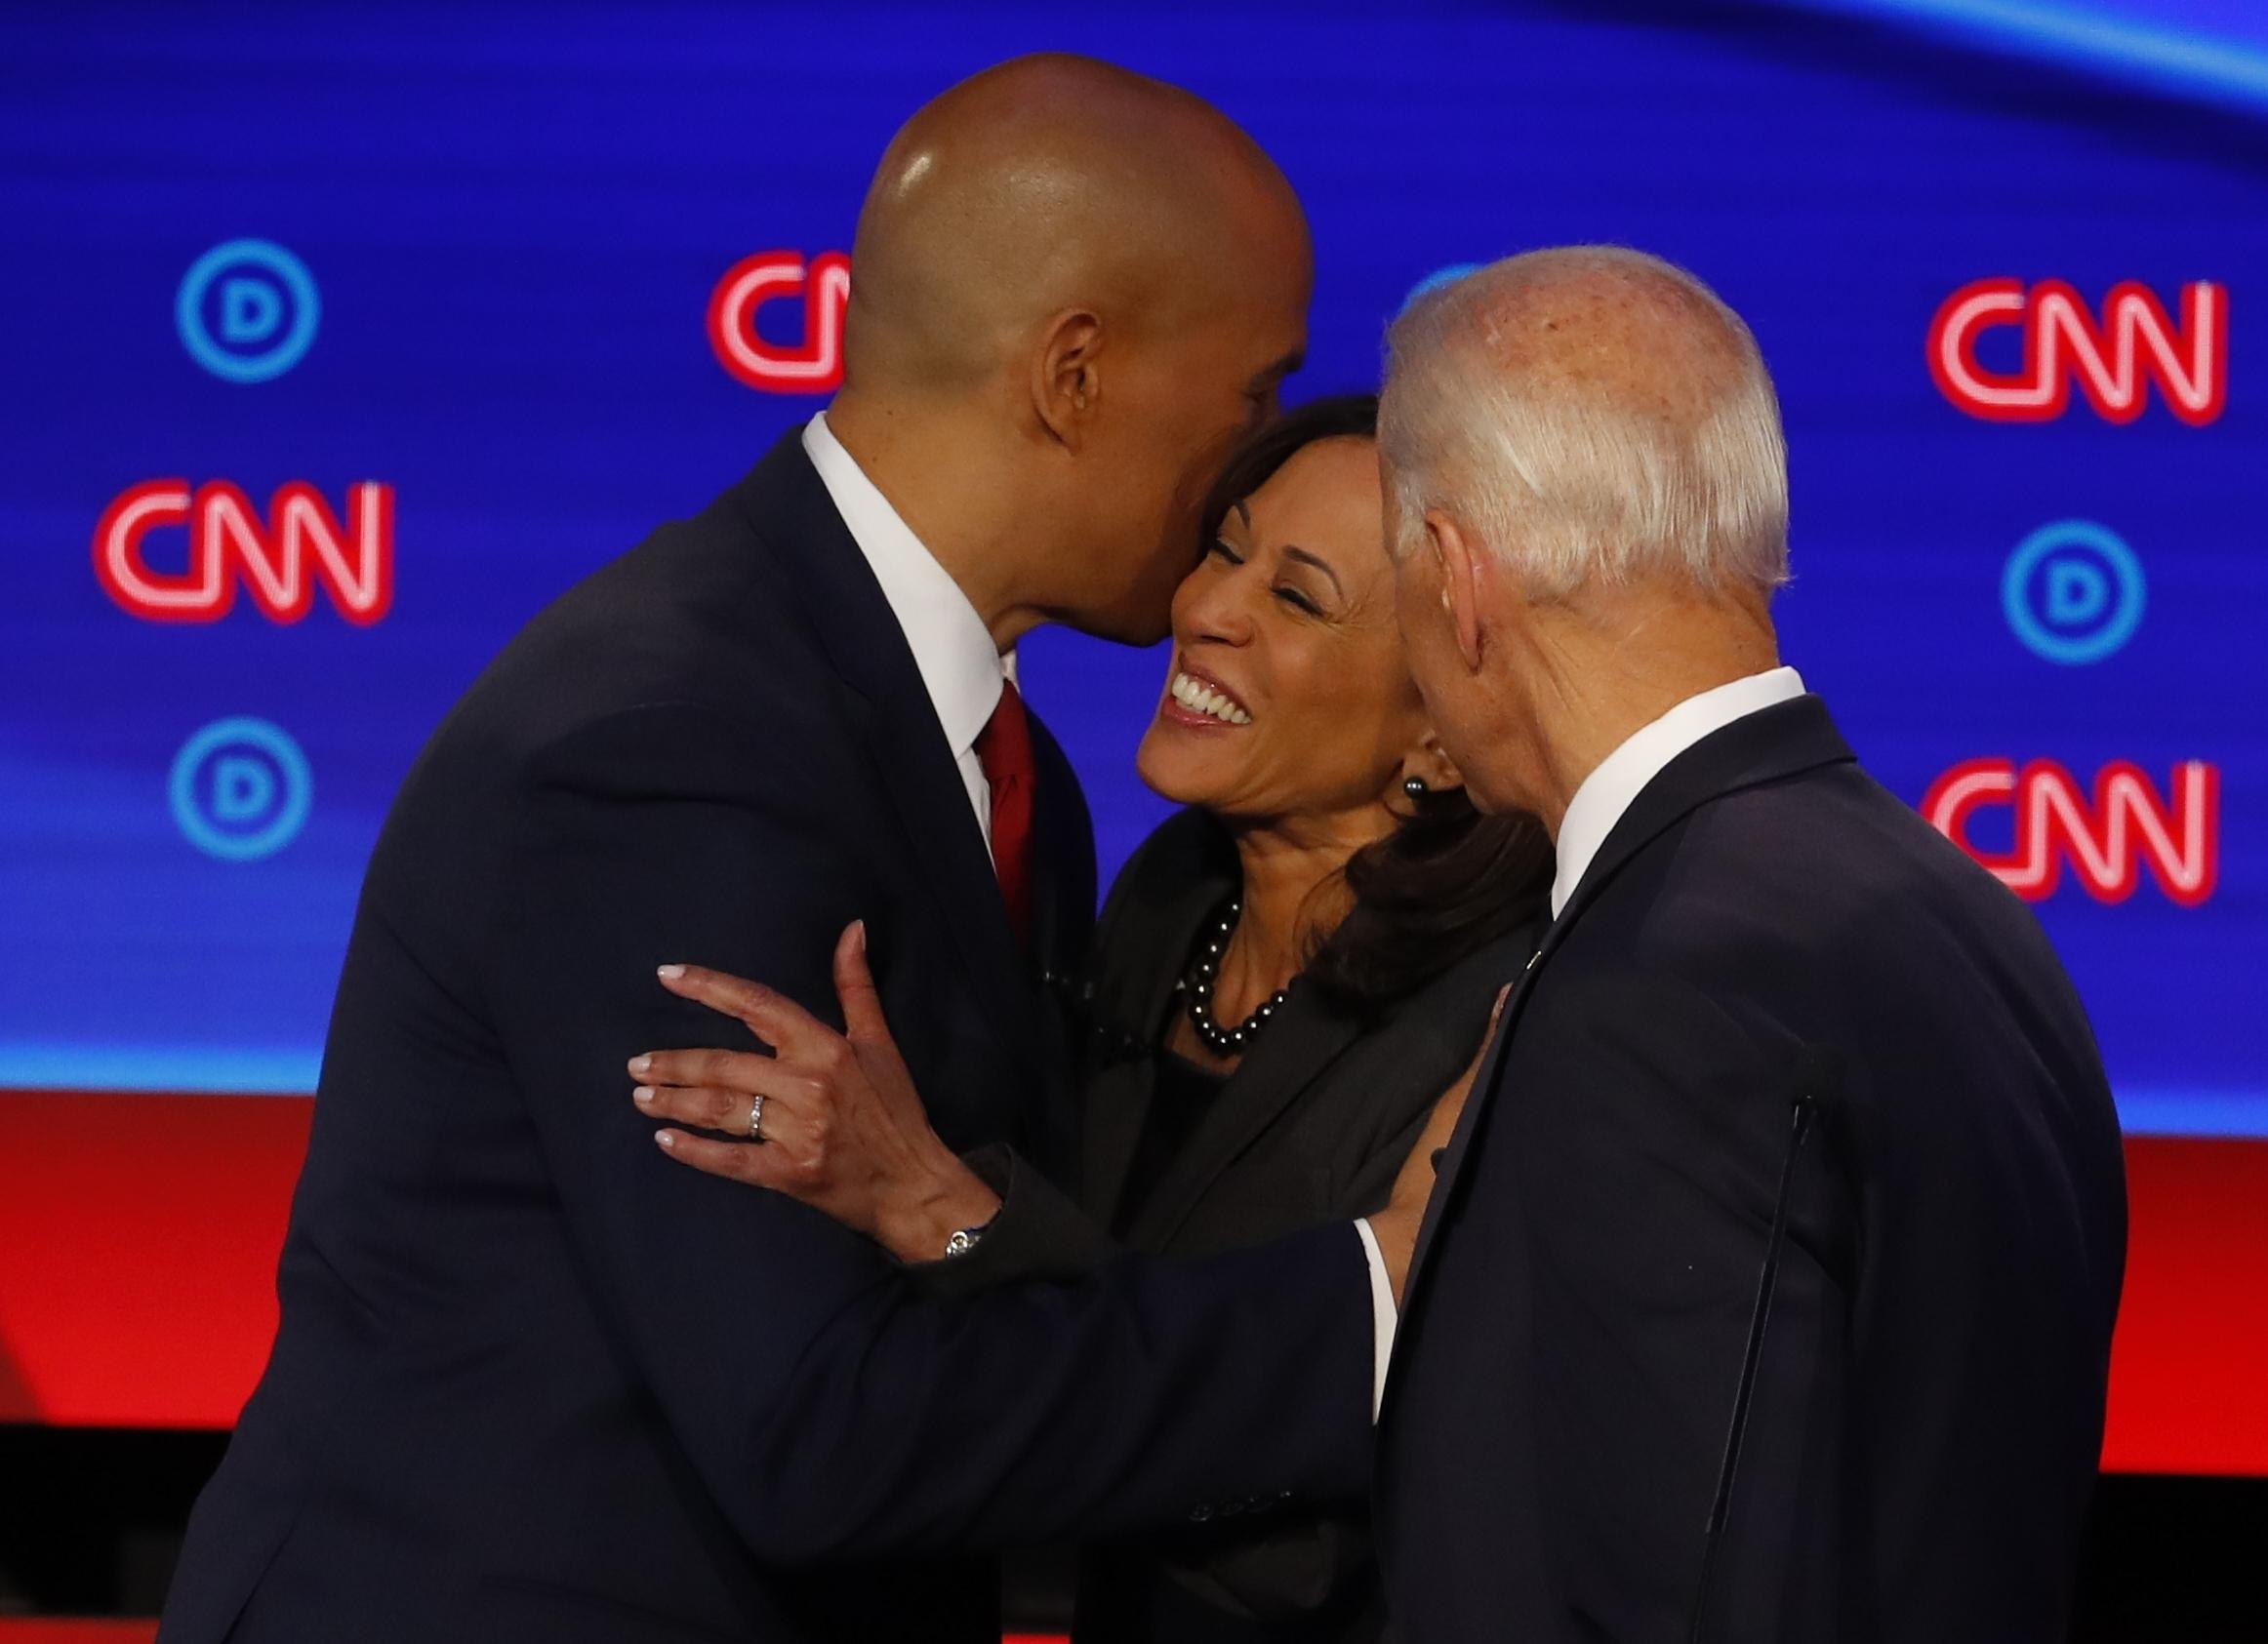 Debate takeaways: Democratic divisions intensify